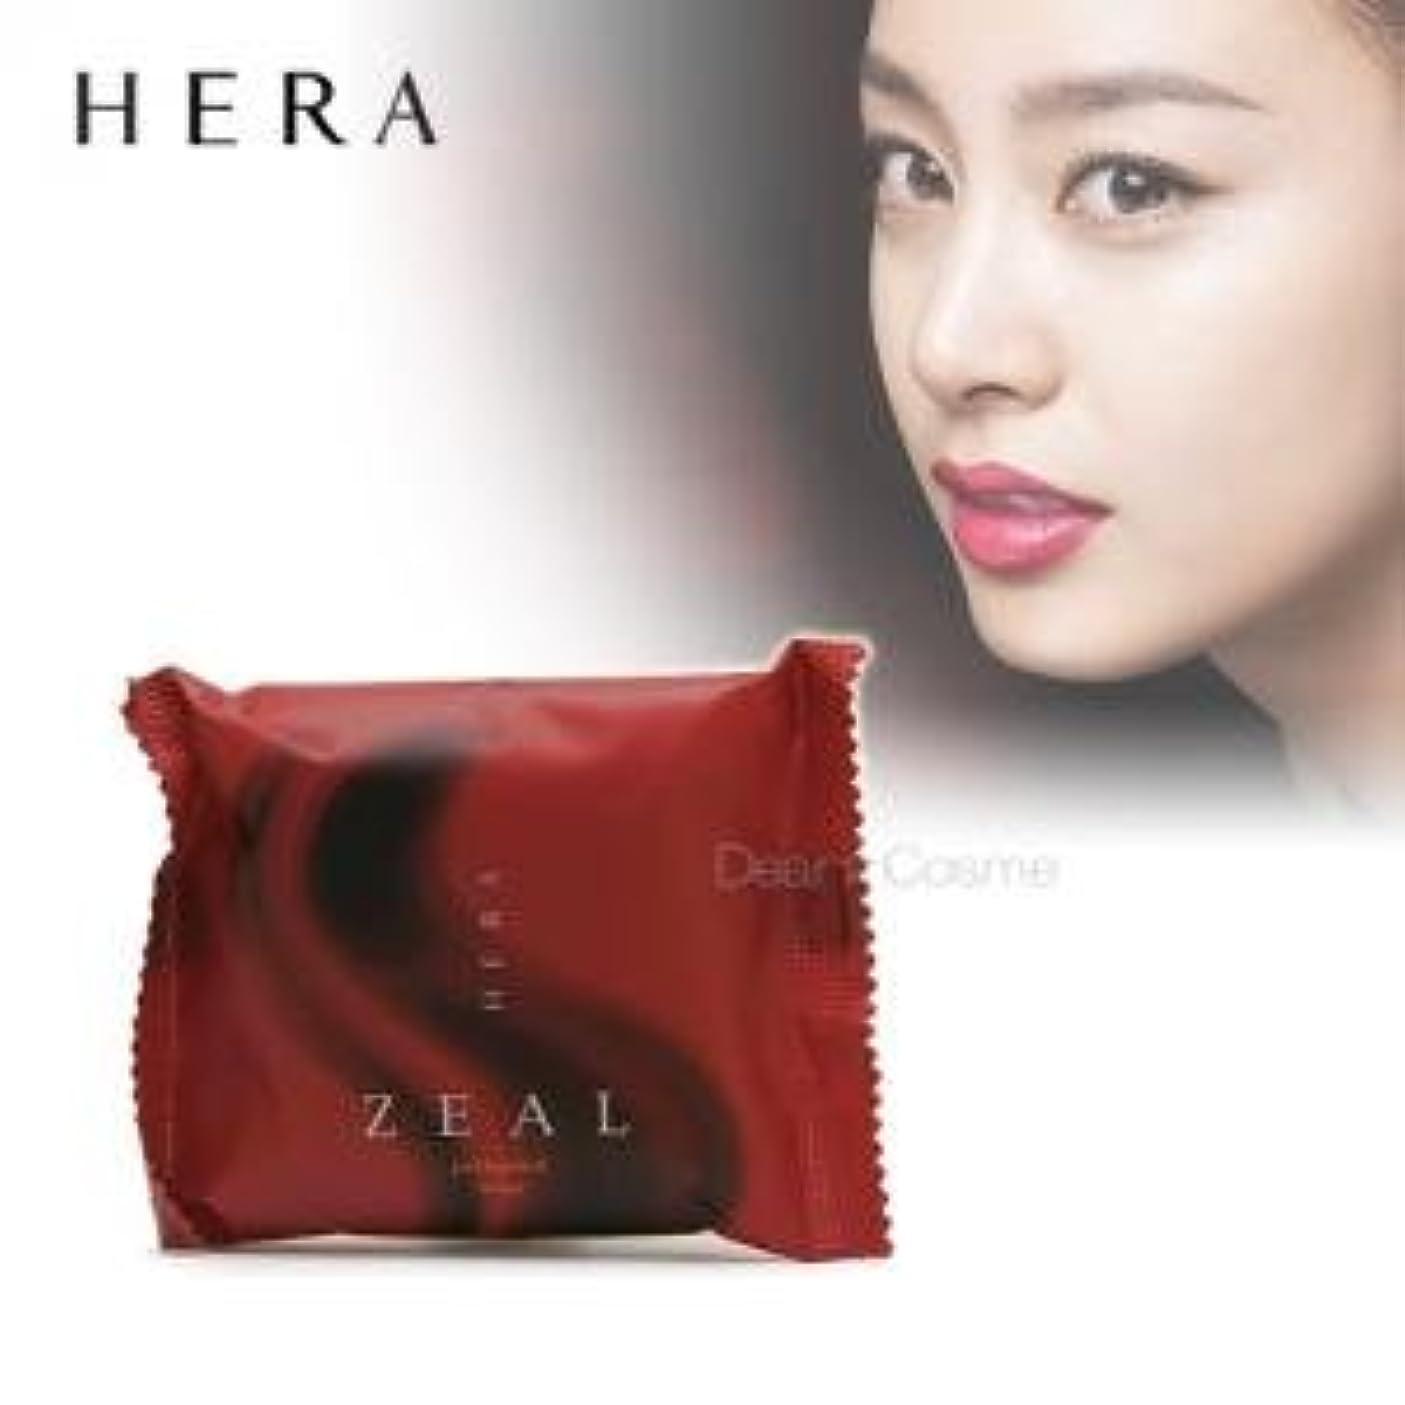 味わう概念文芸ヘラ5個セットHERA ZEAL 美容石鹸 60gソープ